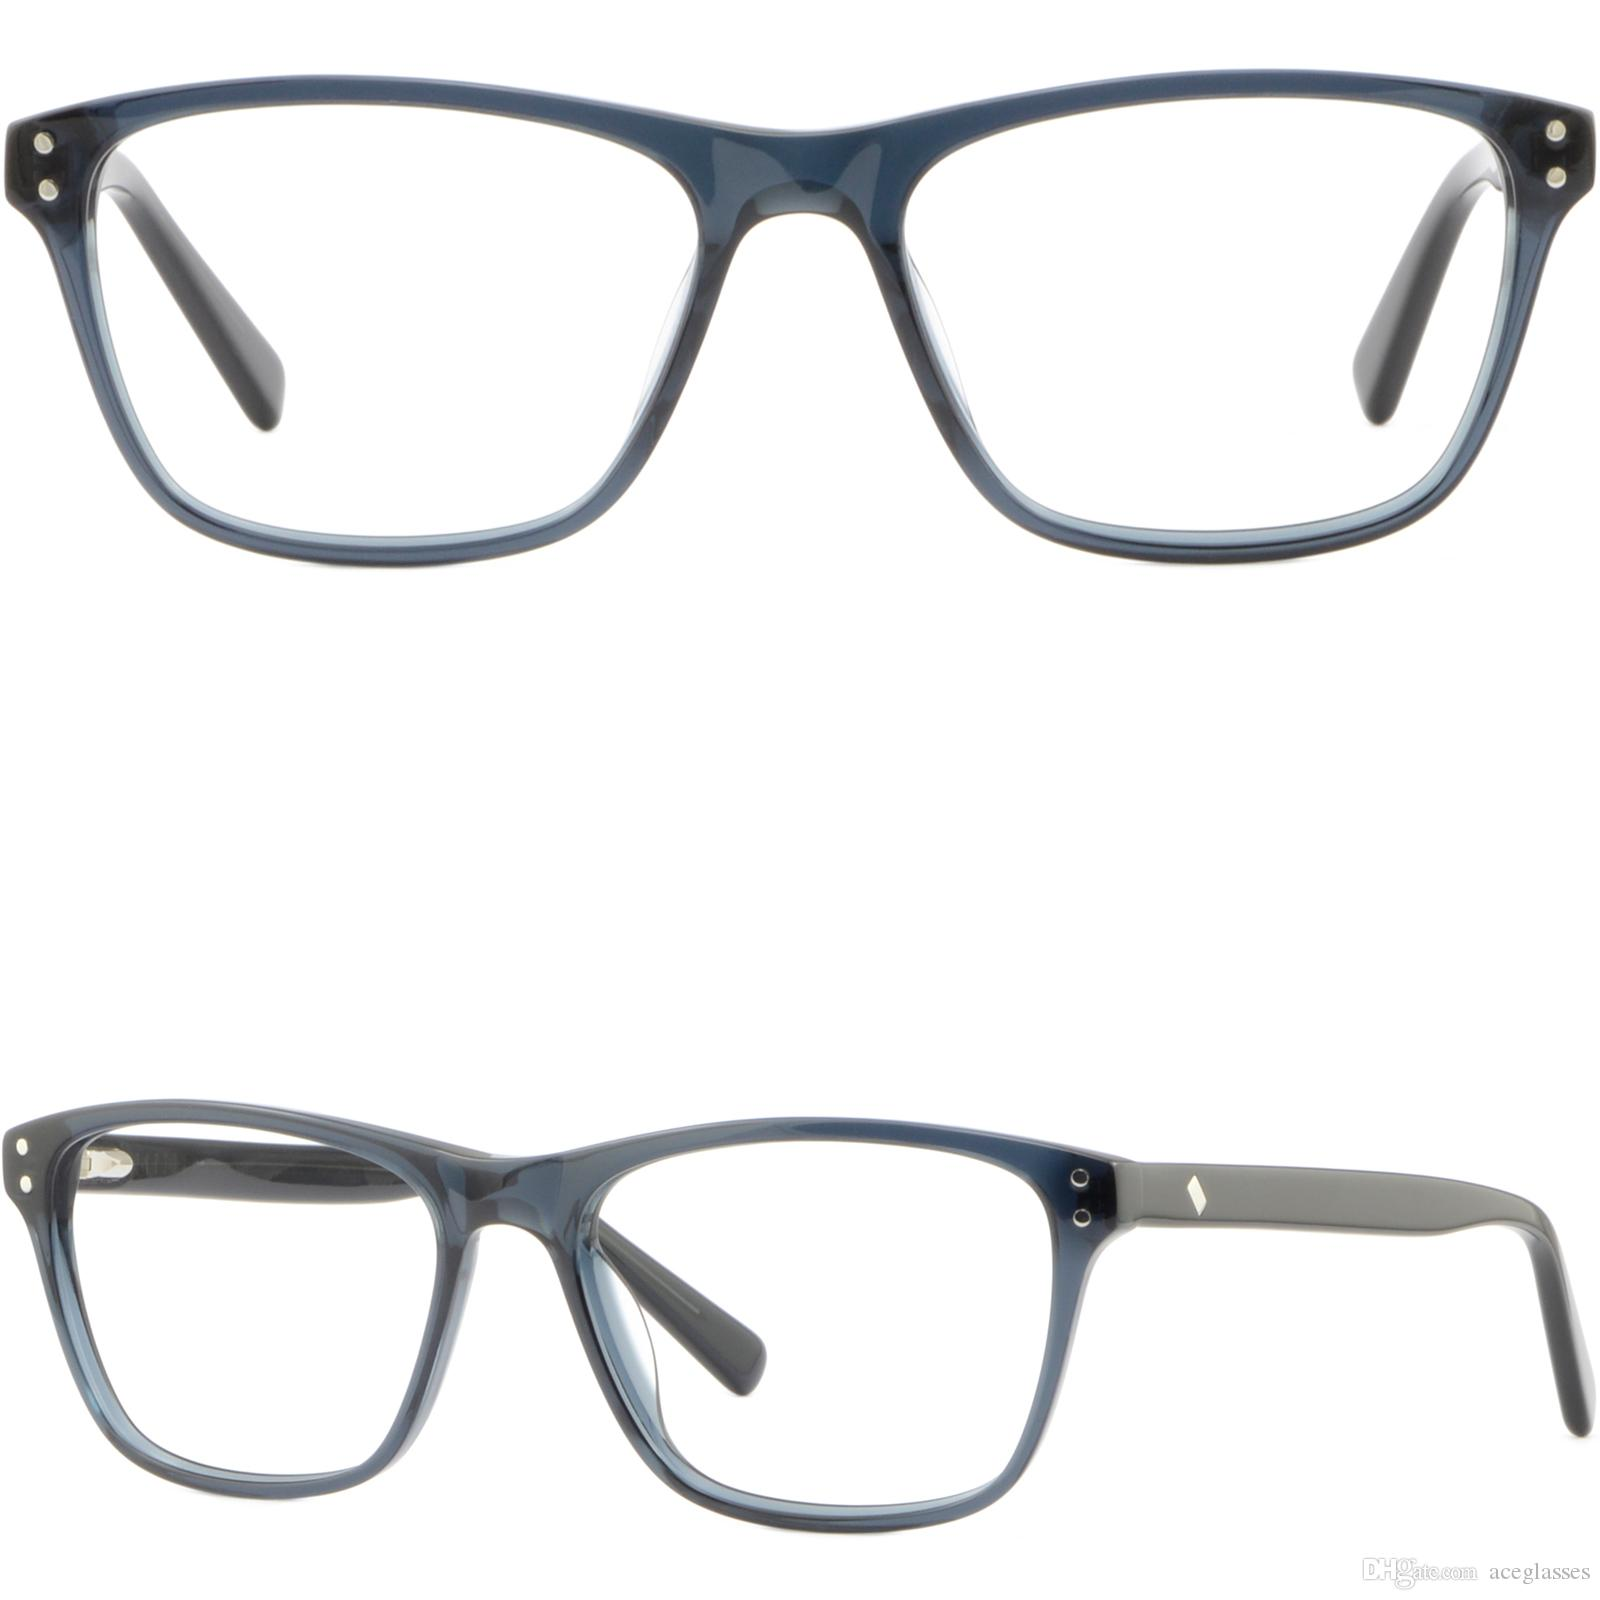 ed1d7f3bd7b Men Women Plastic Frame Spring Hinges Light Acetate Rectangle Eyeglasses  Glasses Glasses Frame Online with  28.69 Piece on Aceglasses s Store